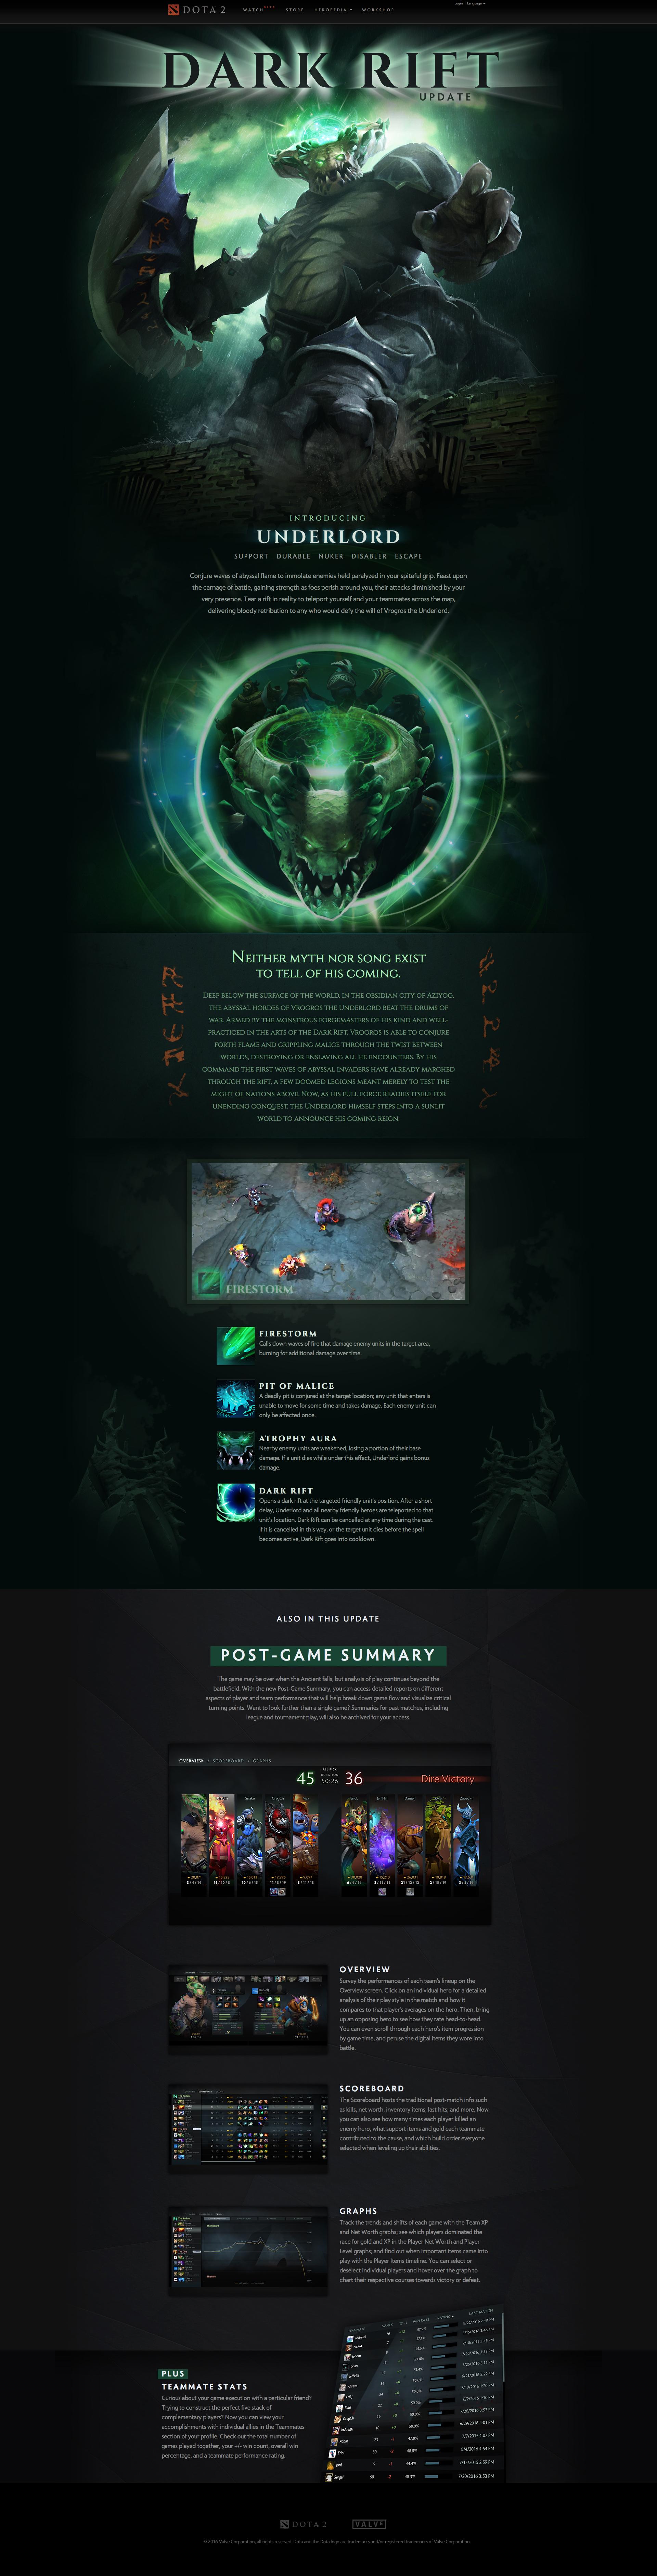 dota 2 dark rift update warriors pinterest concept art